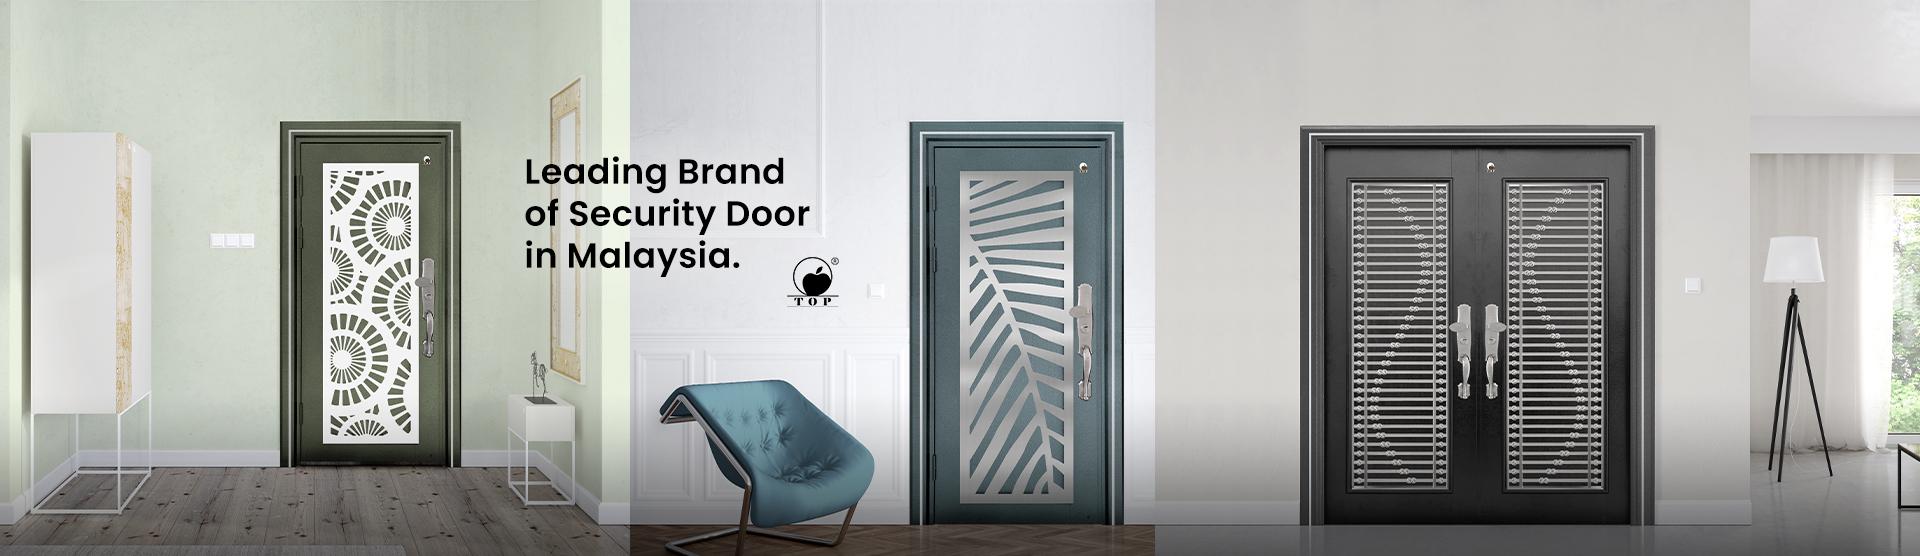 Top Security Door